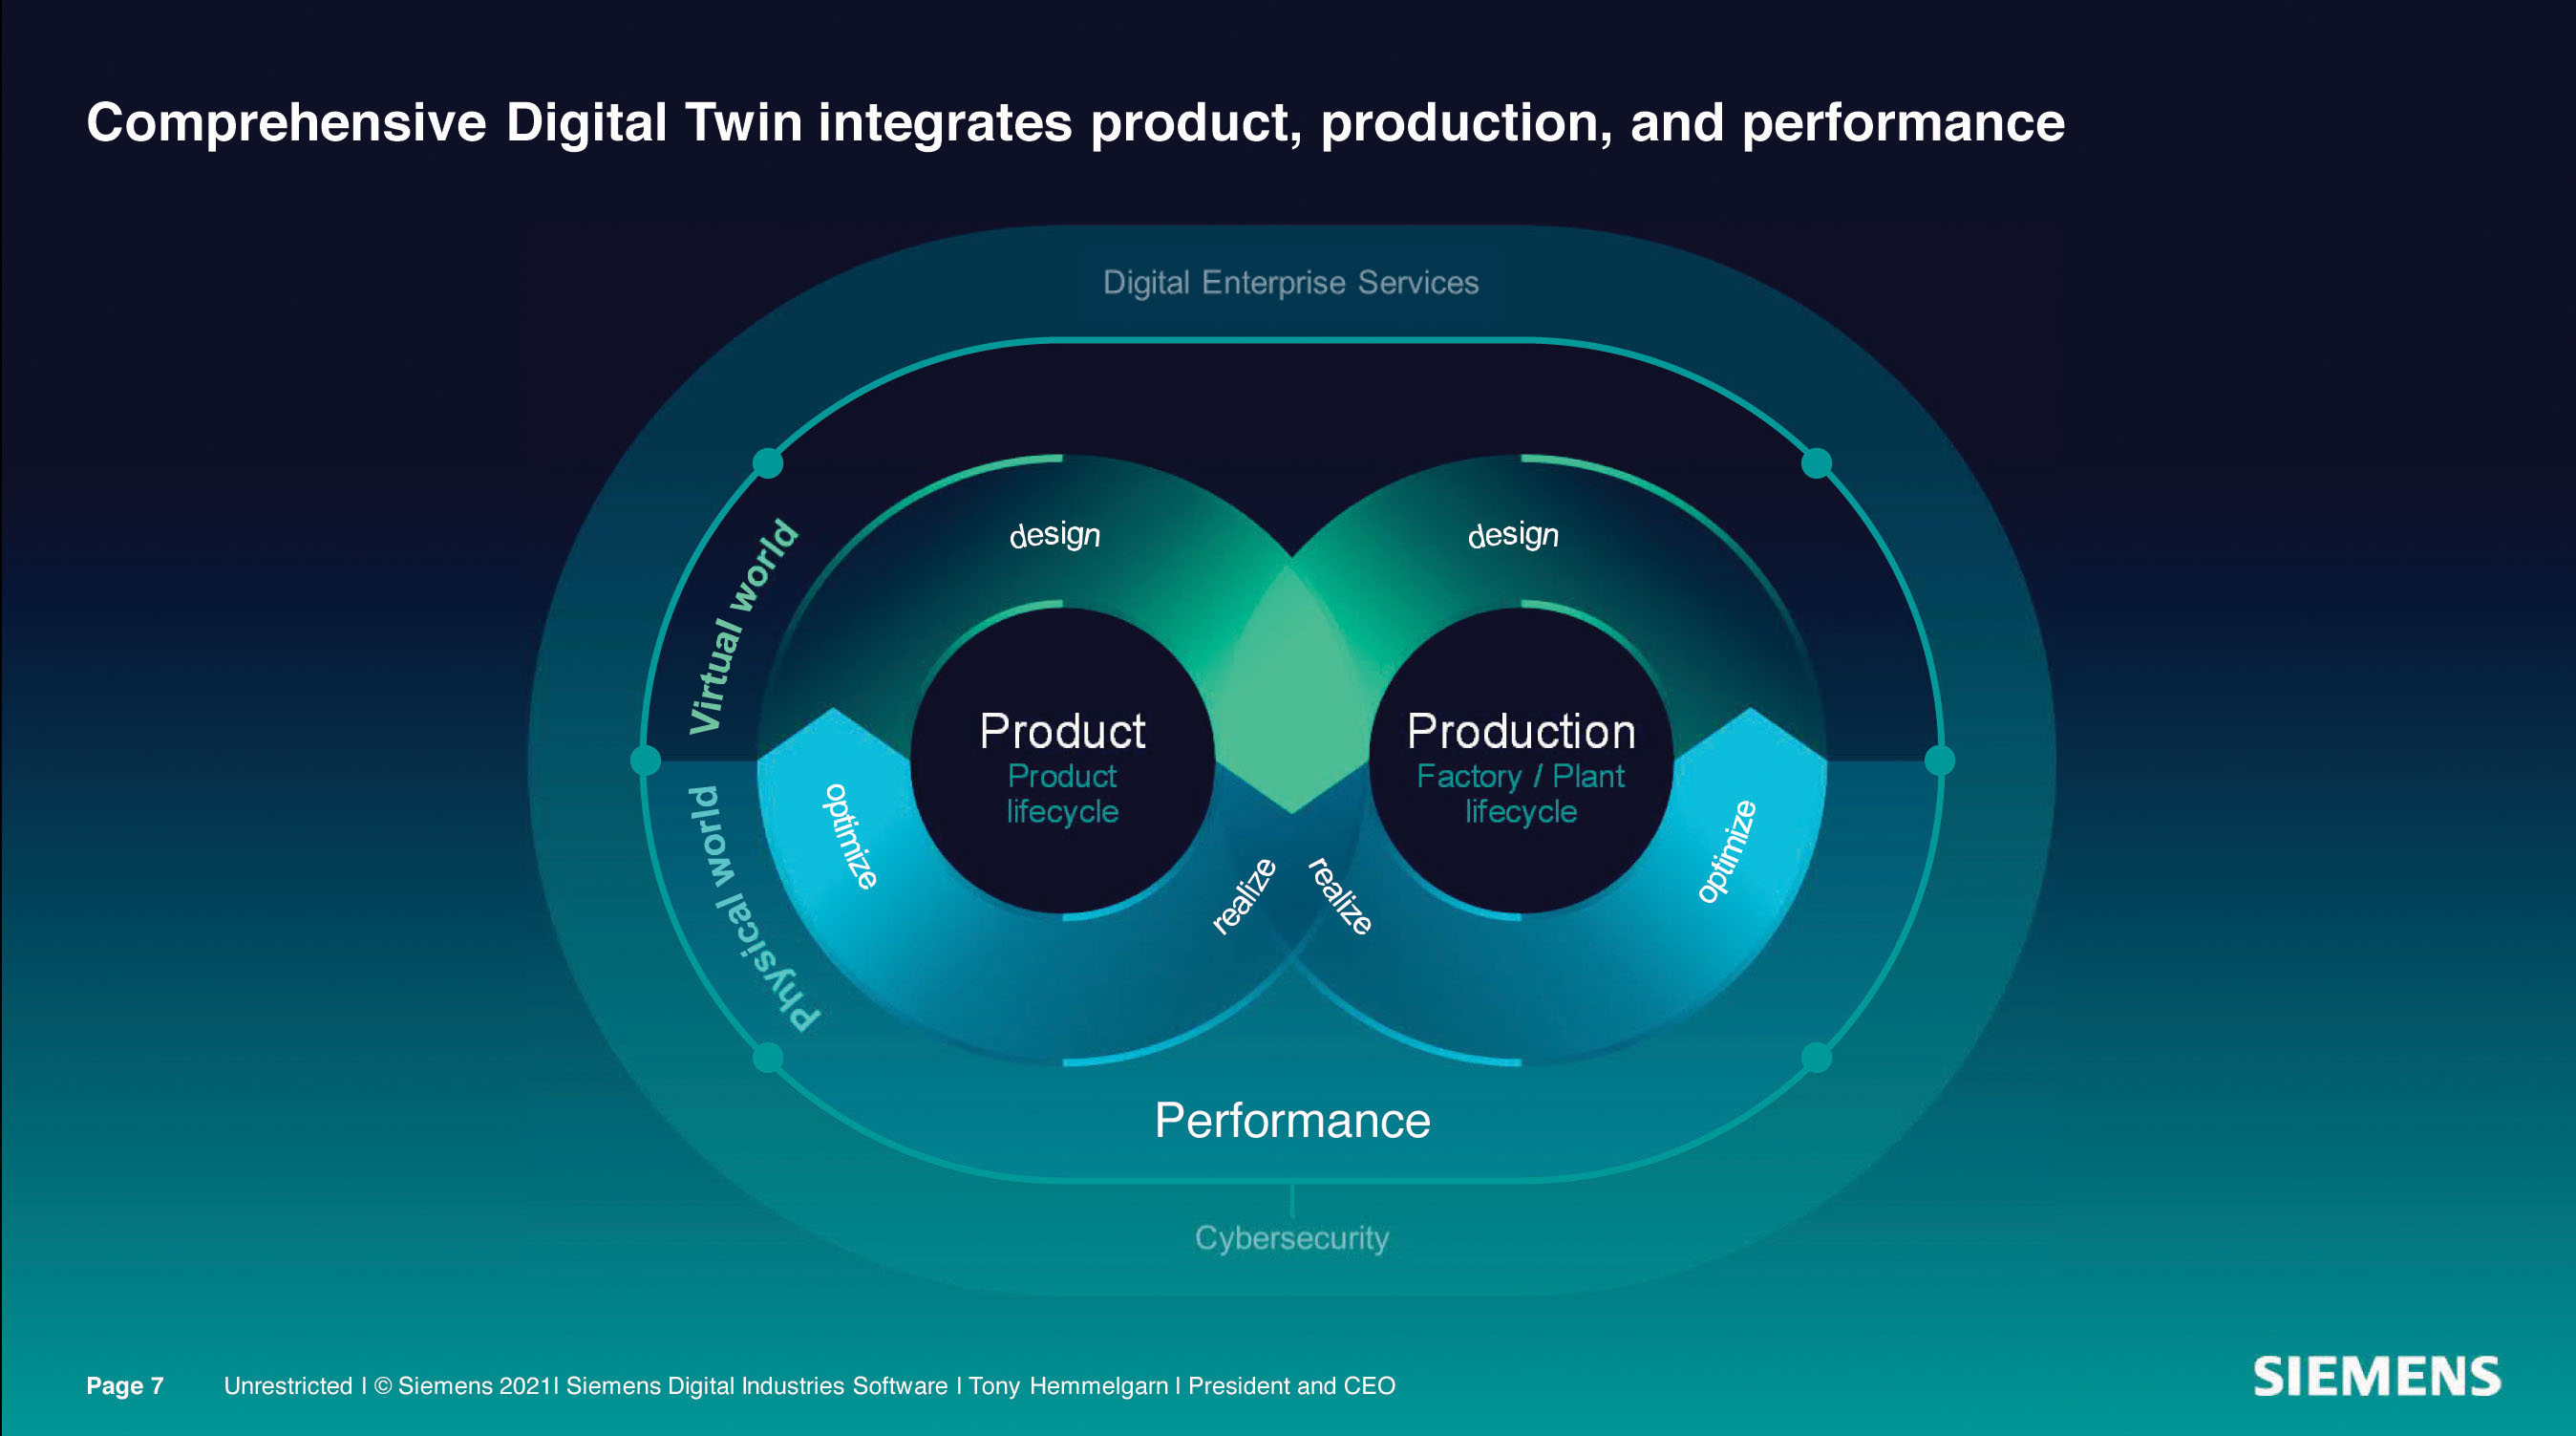 포괄적인 디지털 트윈은 지멘스 전략의 핵심